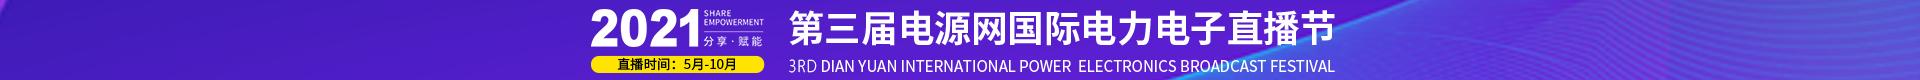 2021第三届电源网国际电力电子直播节